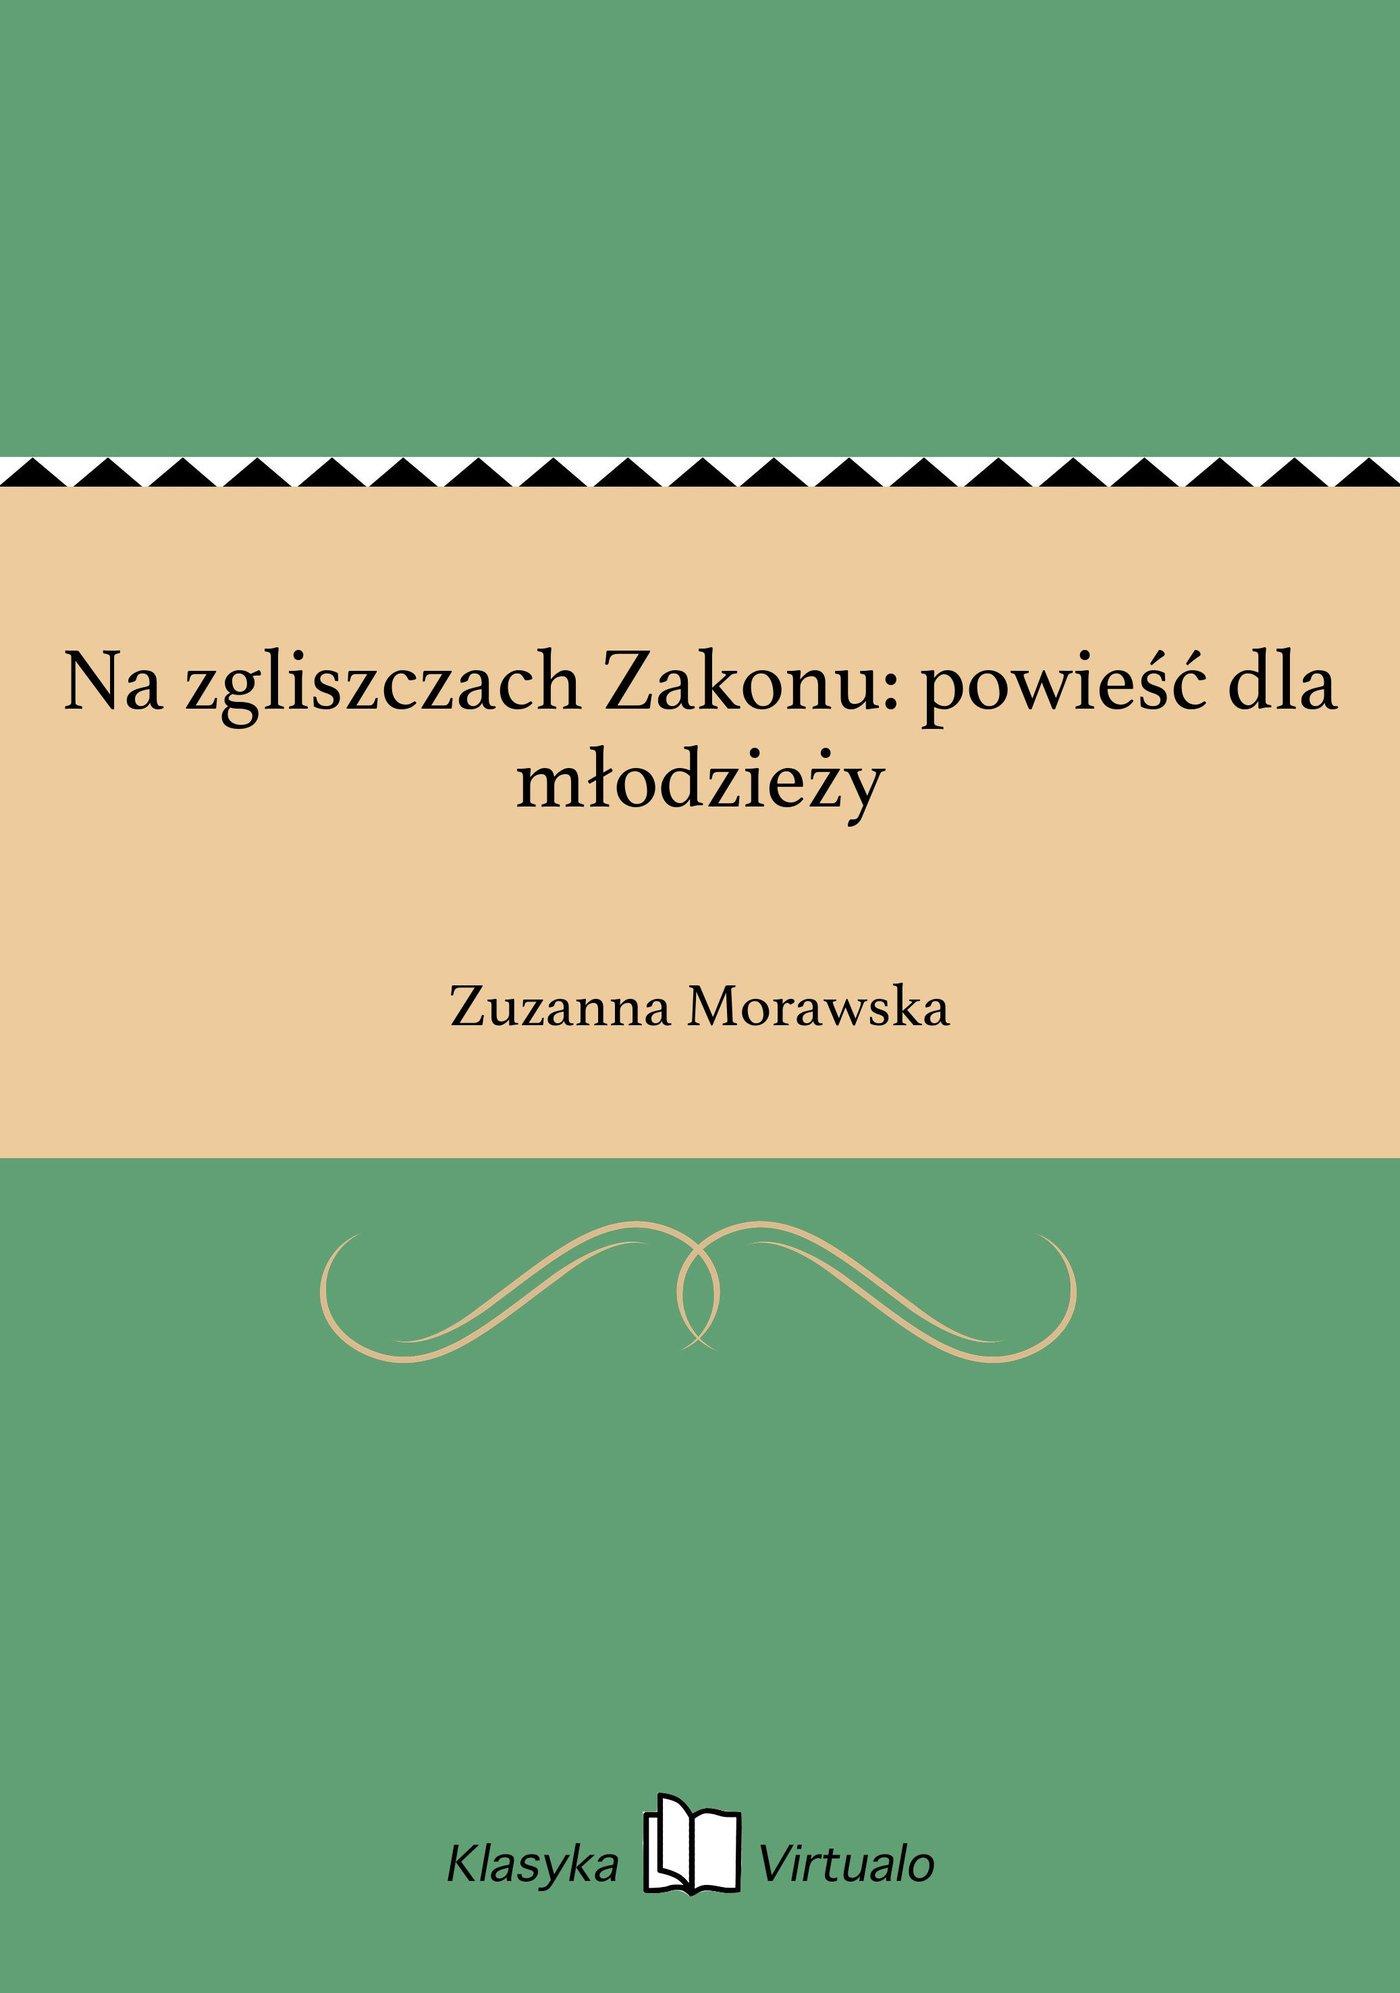 Na zgliszczach Zakonu: powieść dla młodzieży - Ebook (Książka na Kindle) do pobrania w formacie MOBI